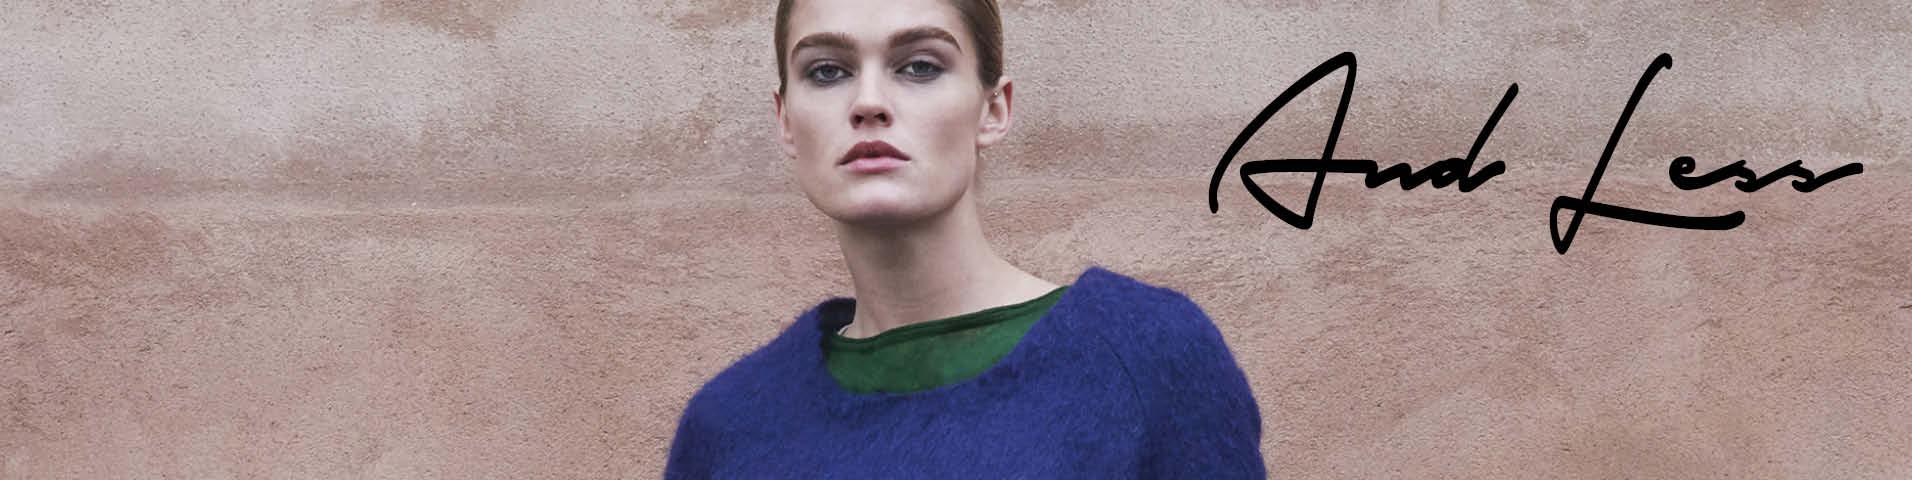 ce53aafc21c3 Manteaux femme en promo And Less vert   Tous les articles chez Zalando